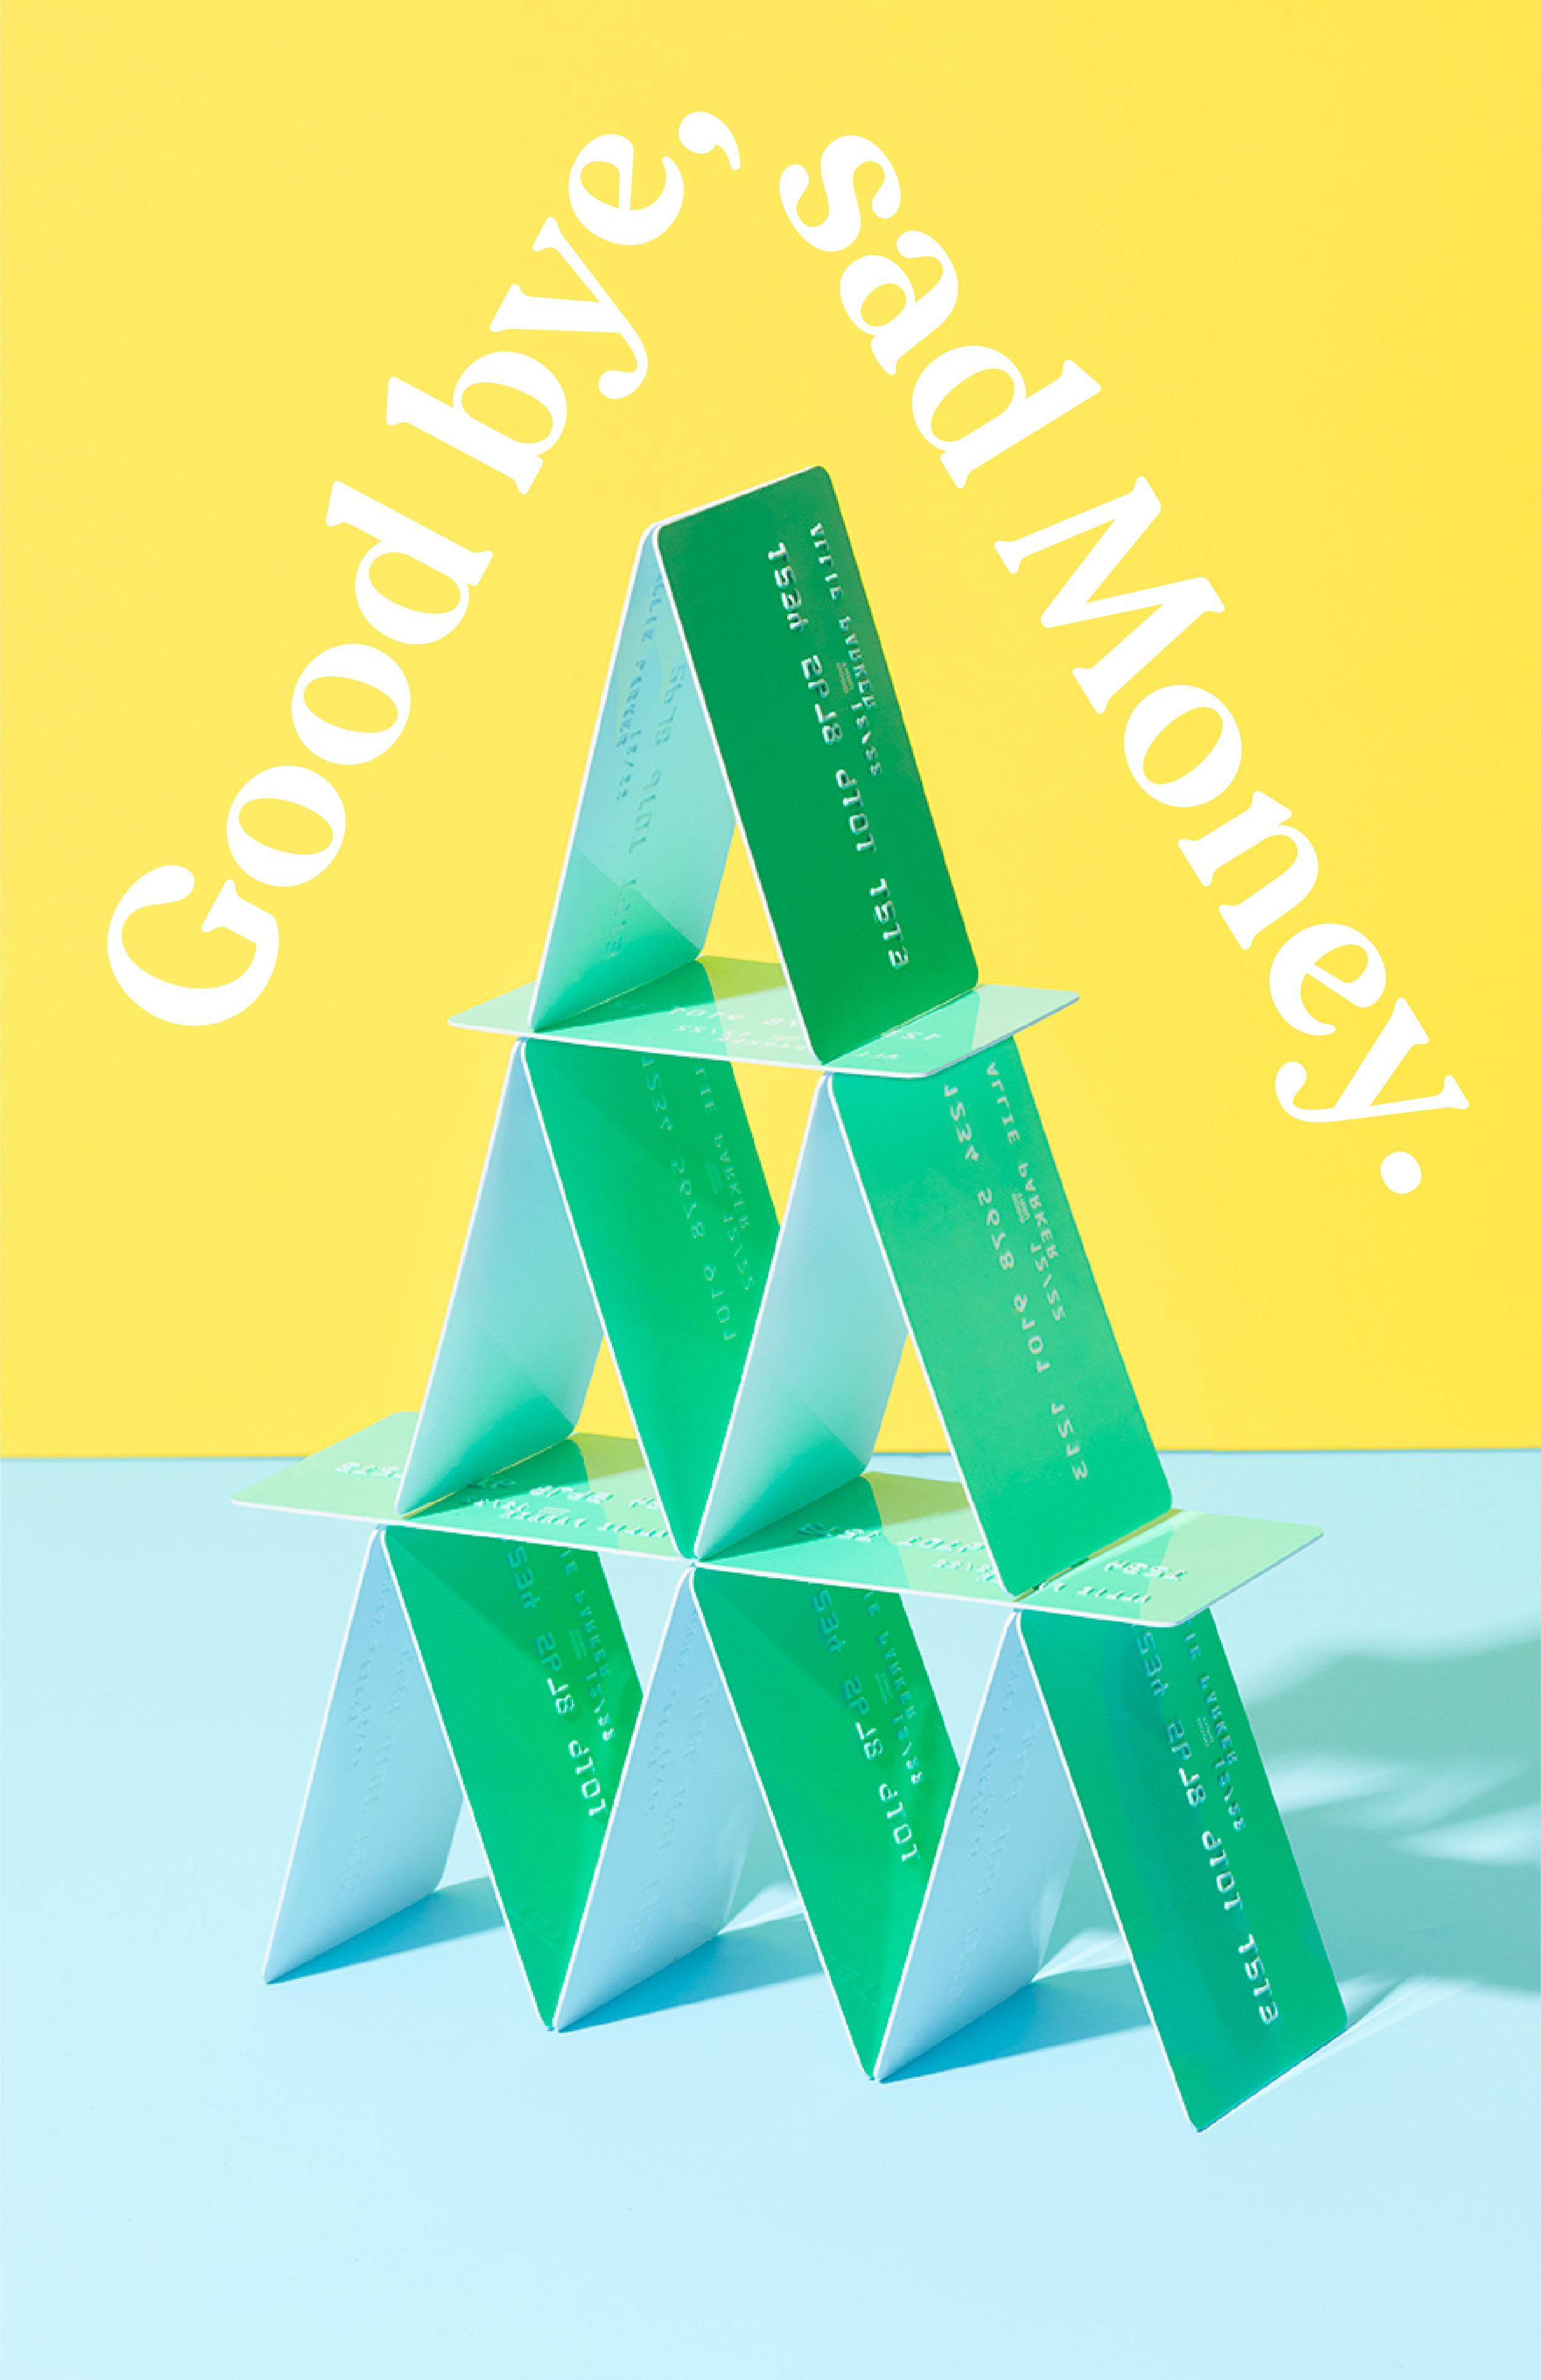 Happy-Money-Posters-26 copy.jpg